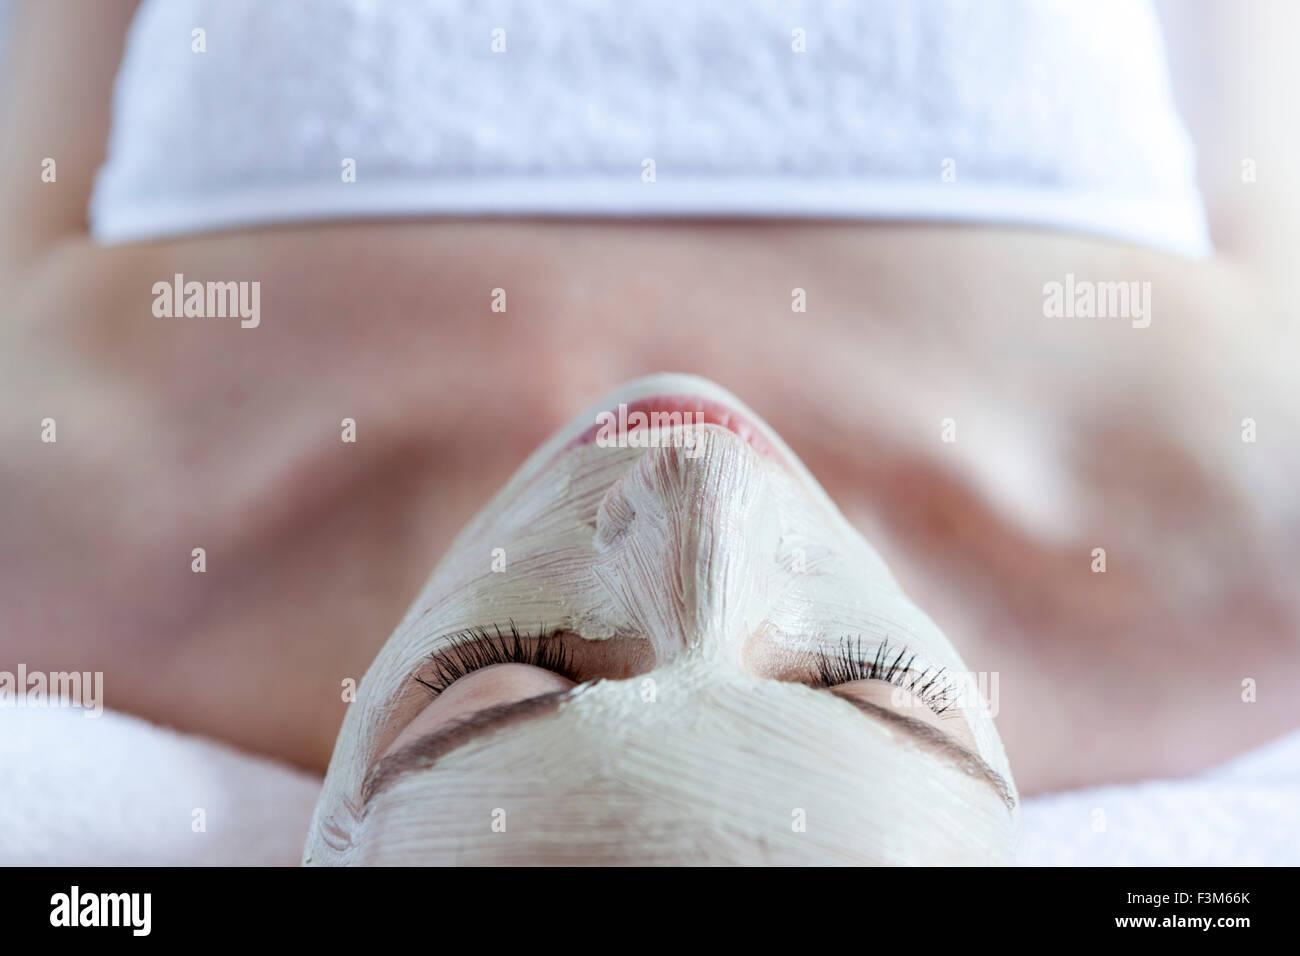 Girl having facial treatment at spa - Stock Image